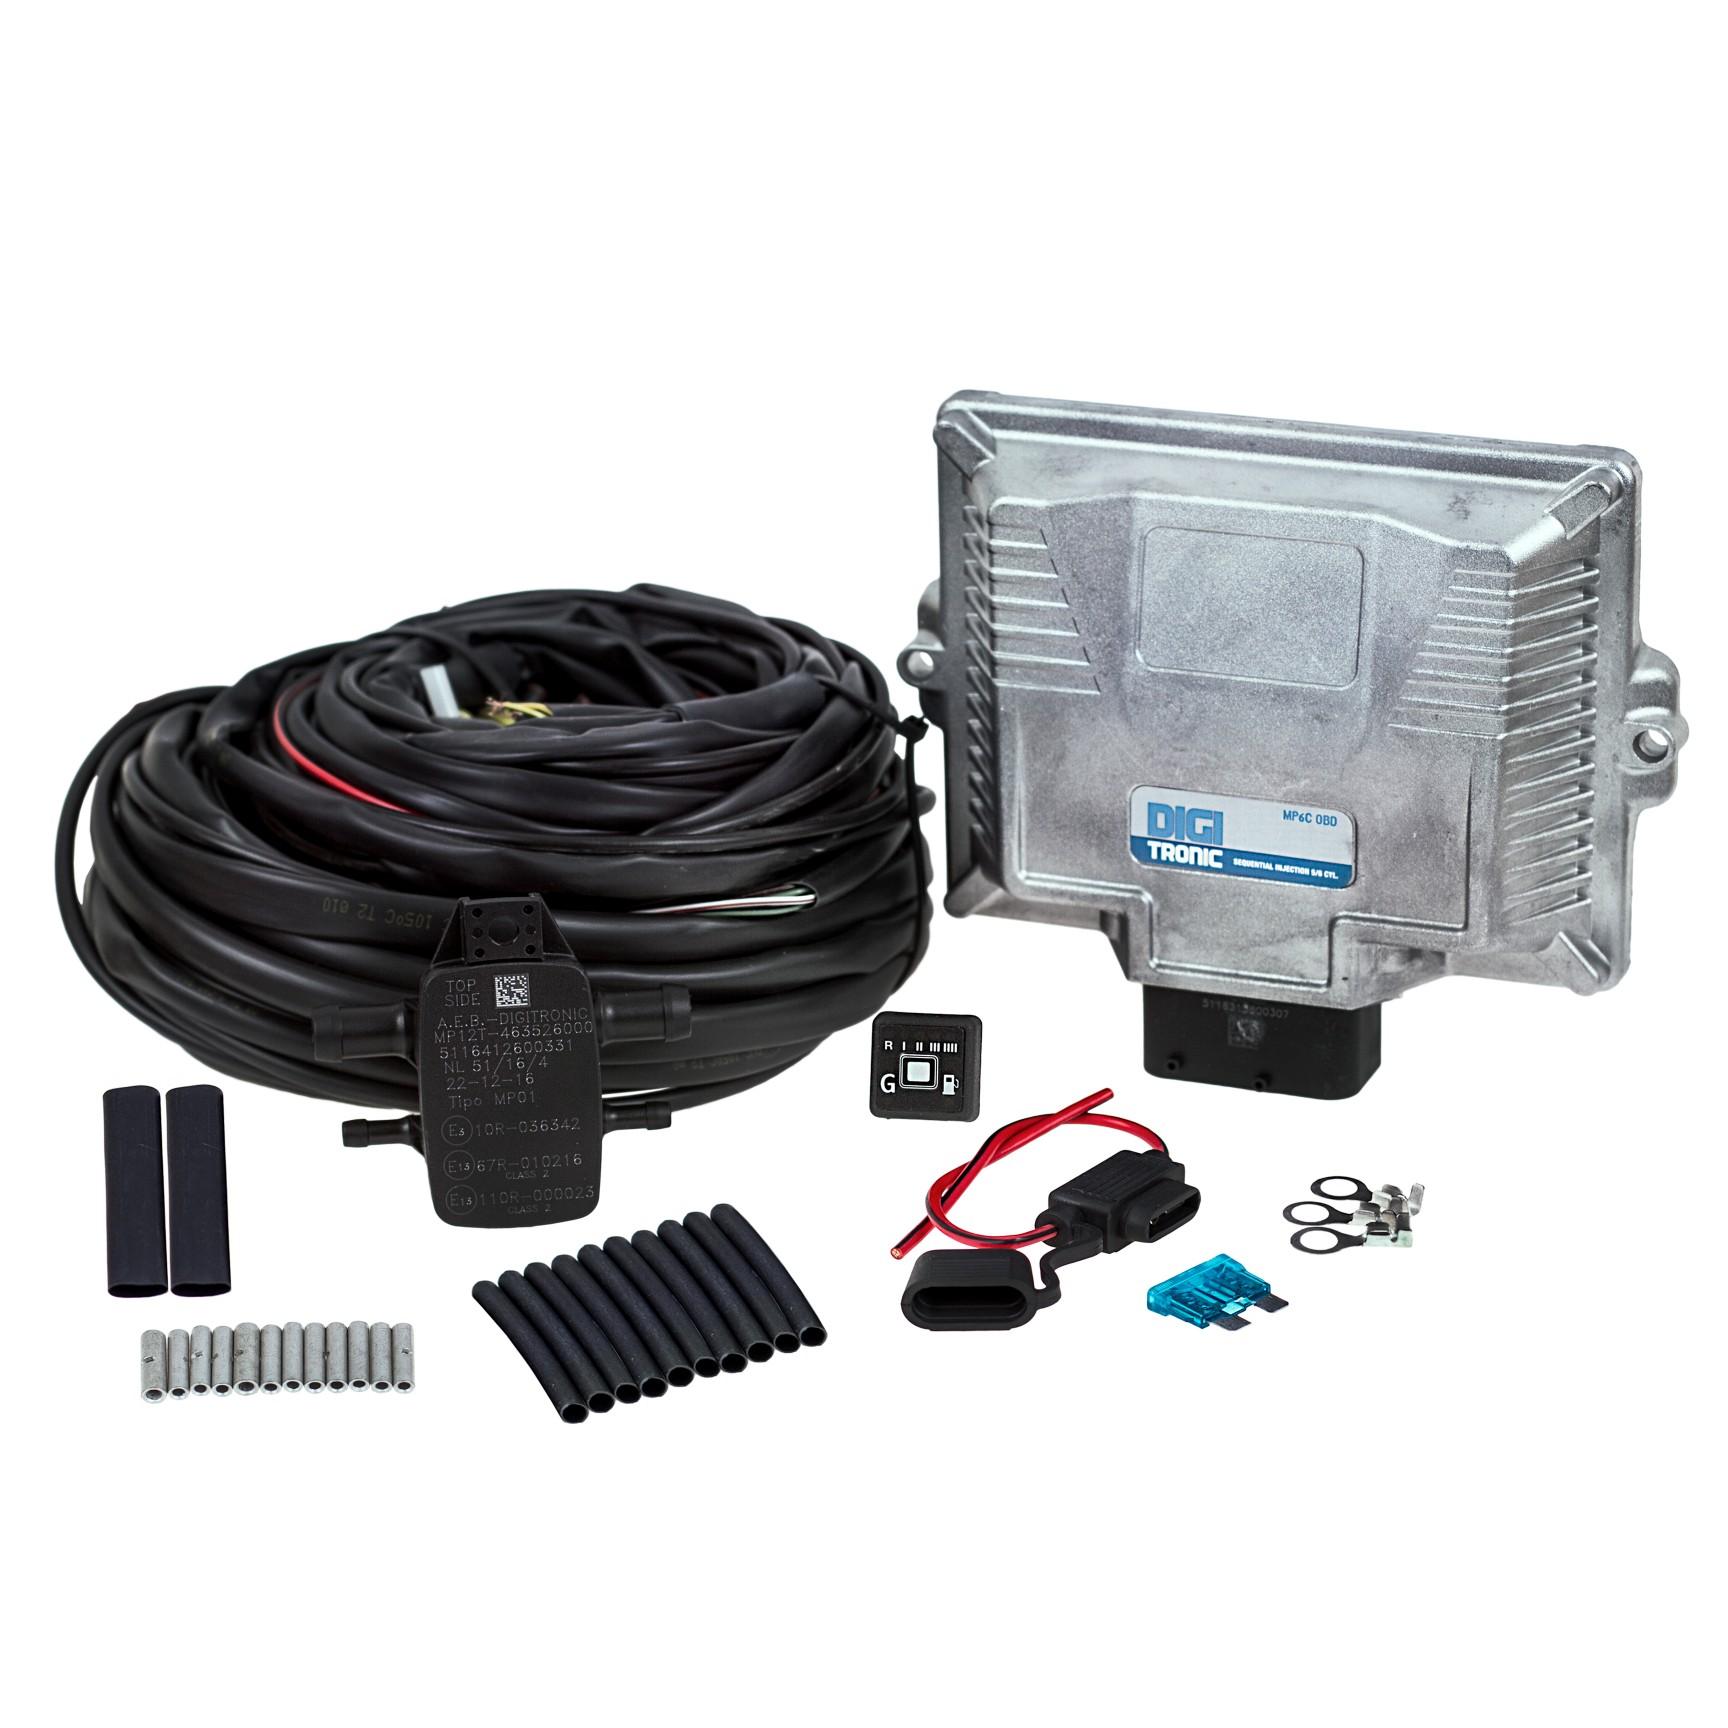 Electronics - Digitronic AEB MP6C OBD